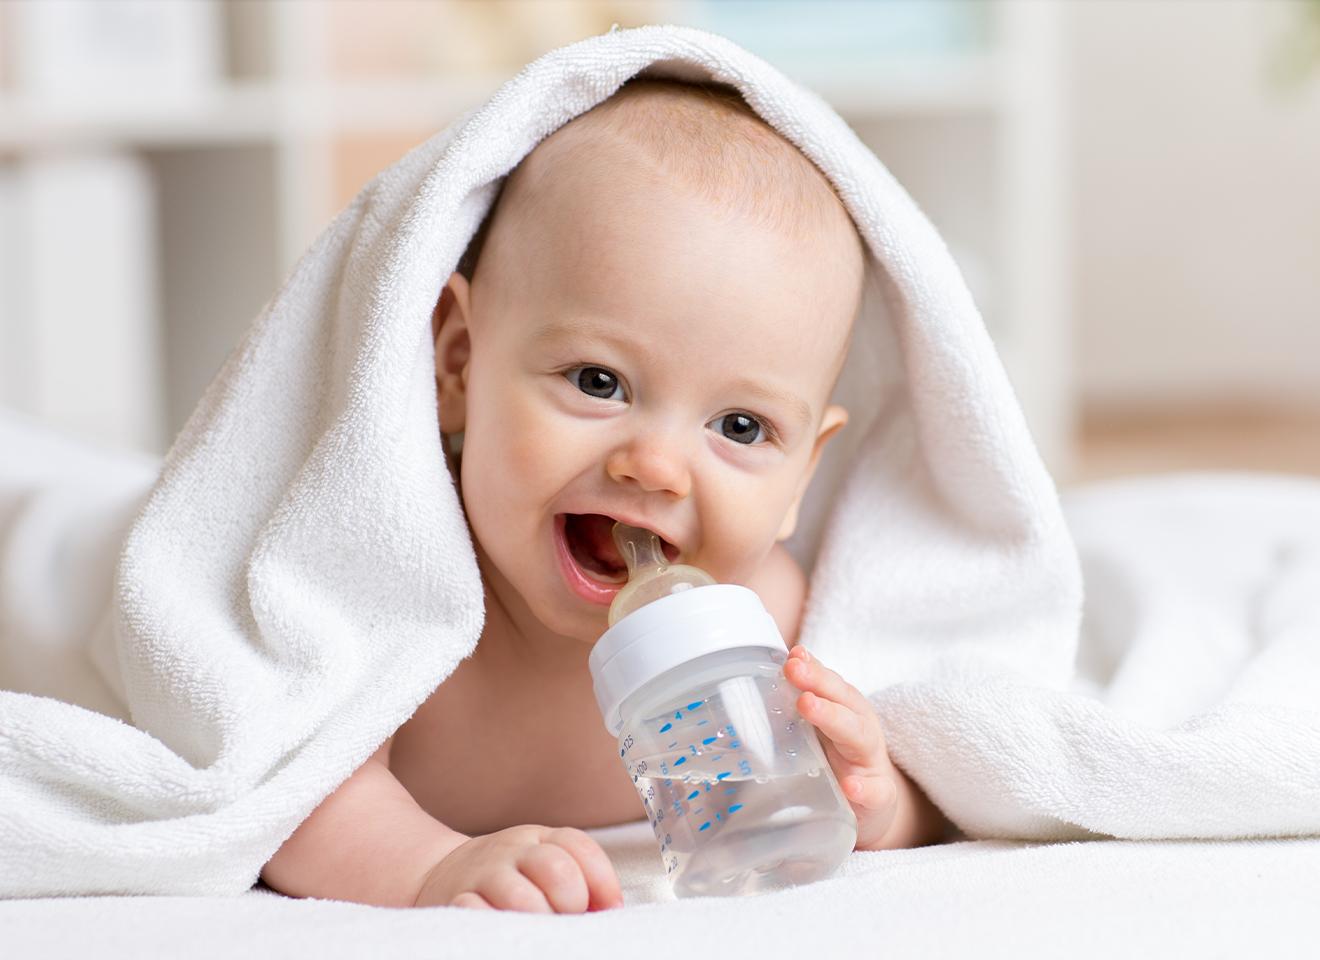 Cách vệ sinh bình sữa đảm bảo an toàn cho bé yêu